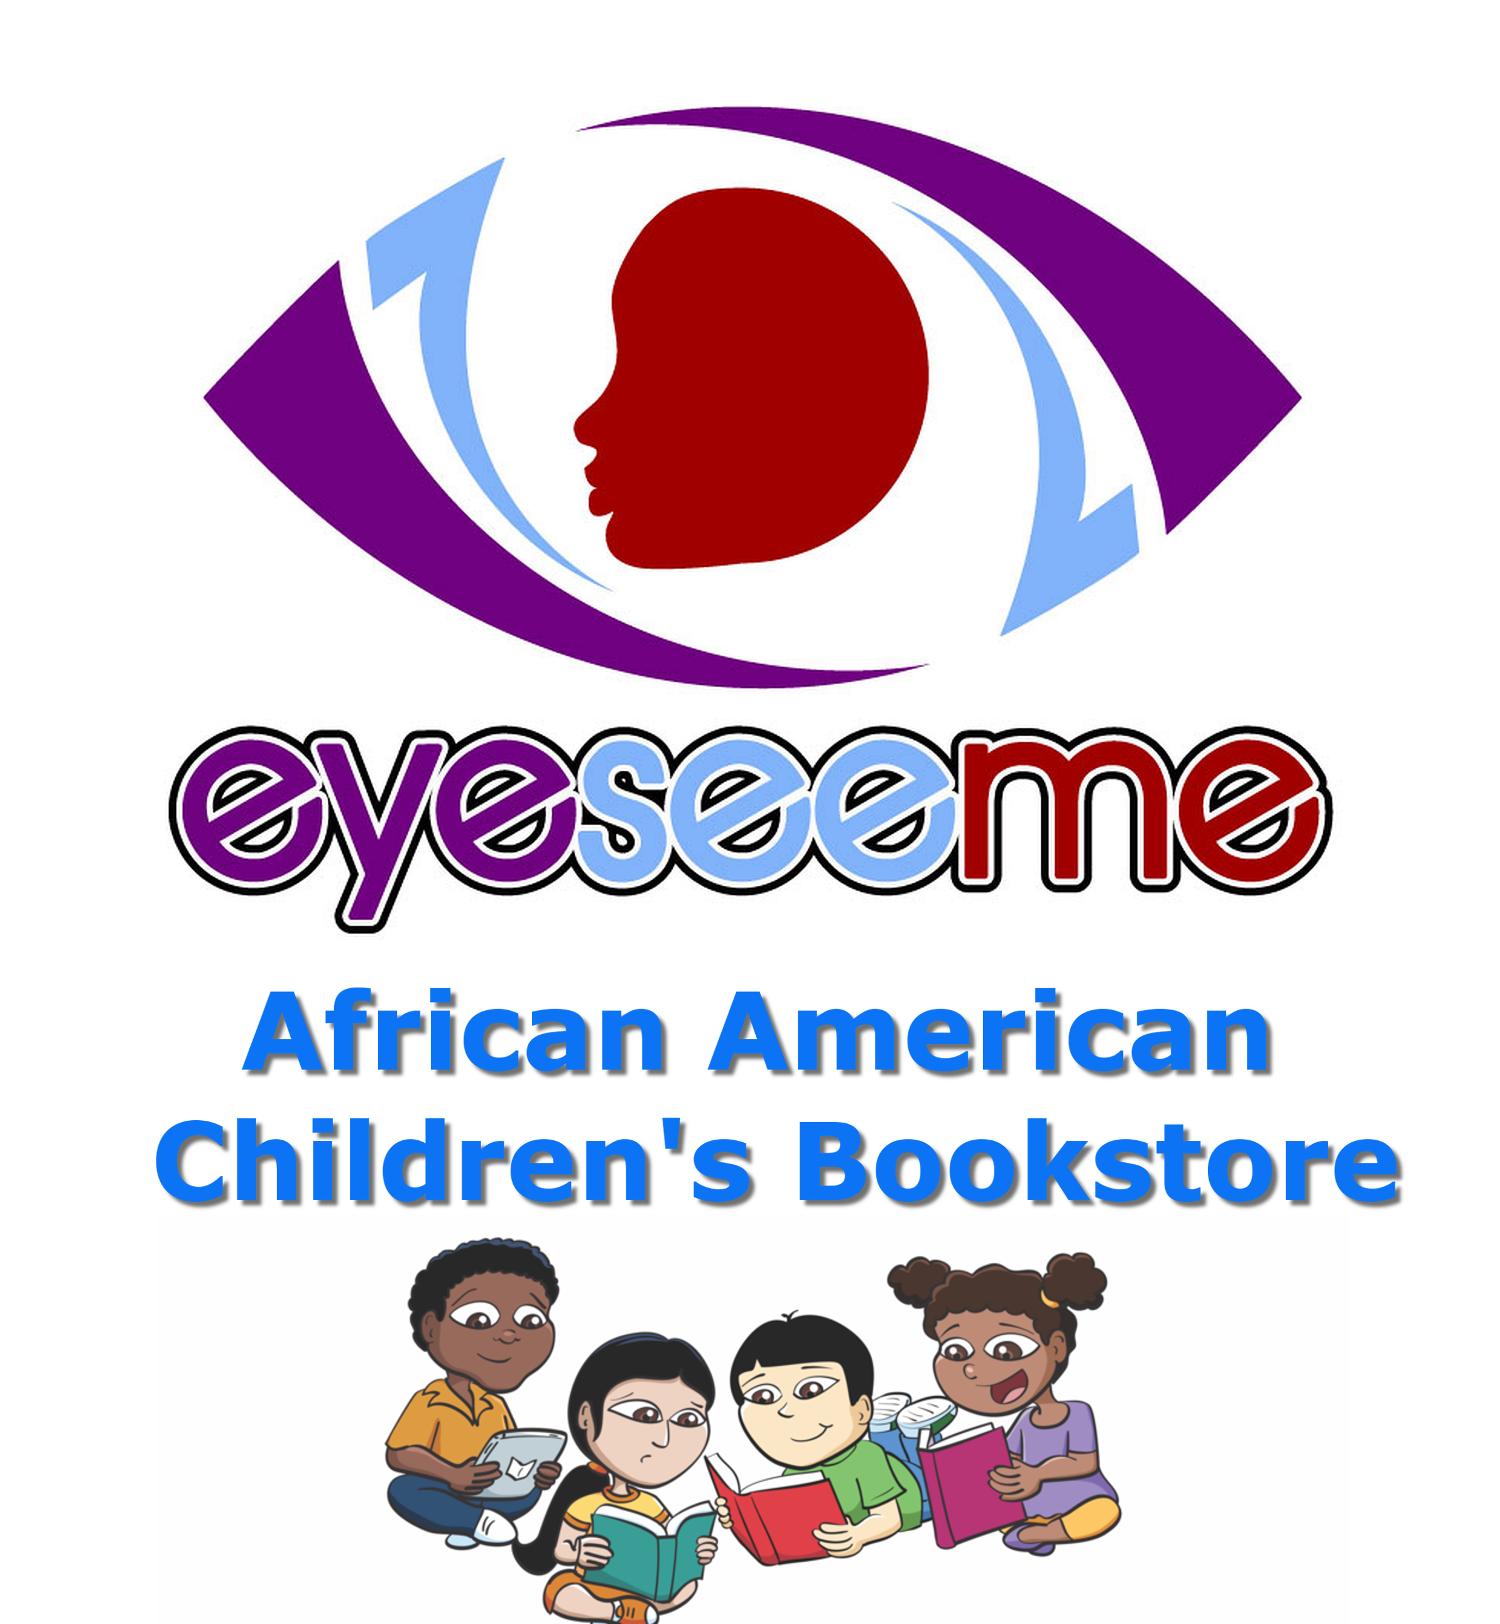 EyeSeeMe_logo2 copy.png